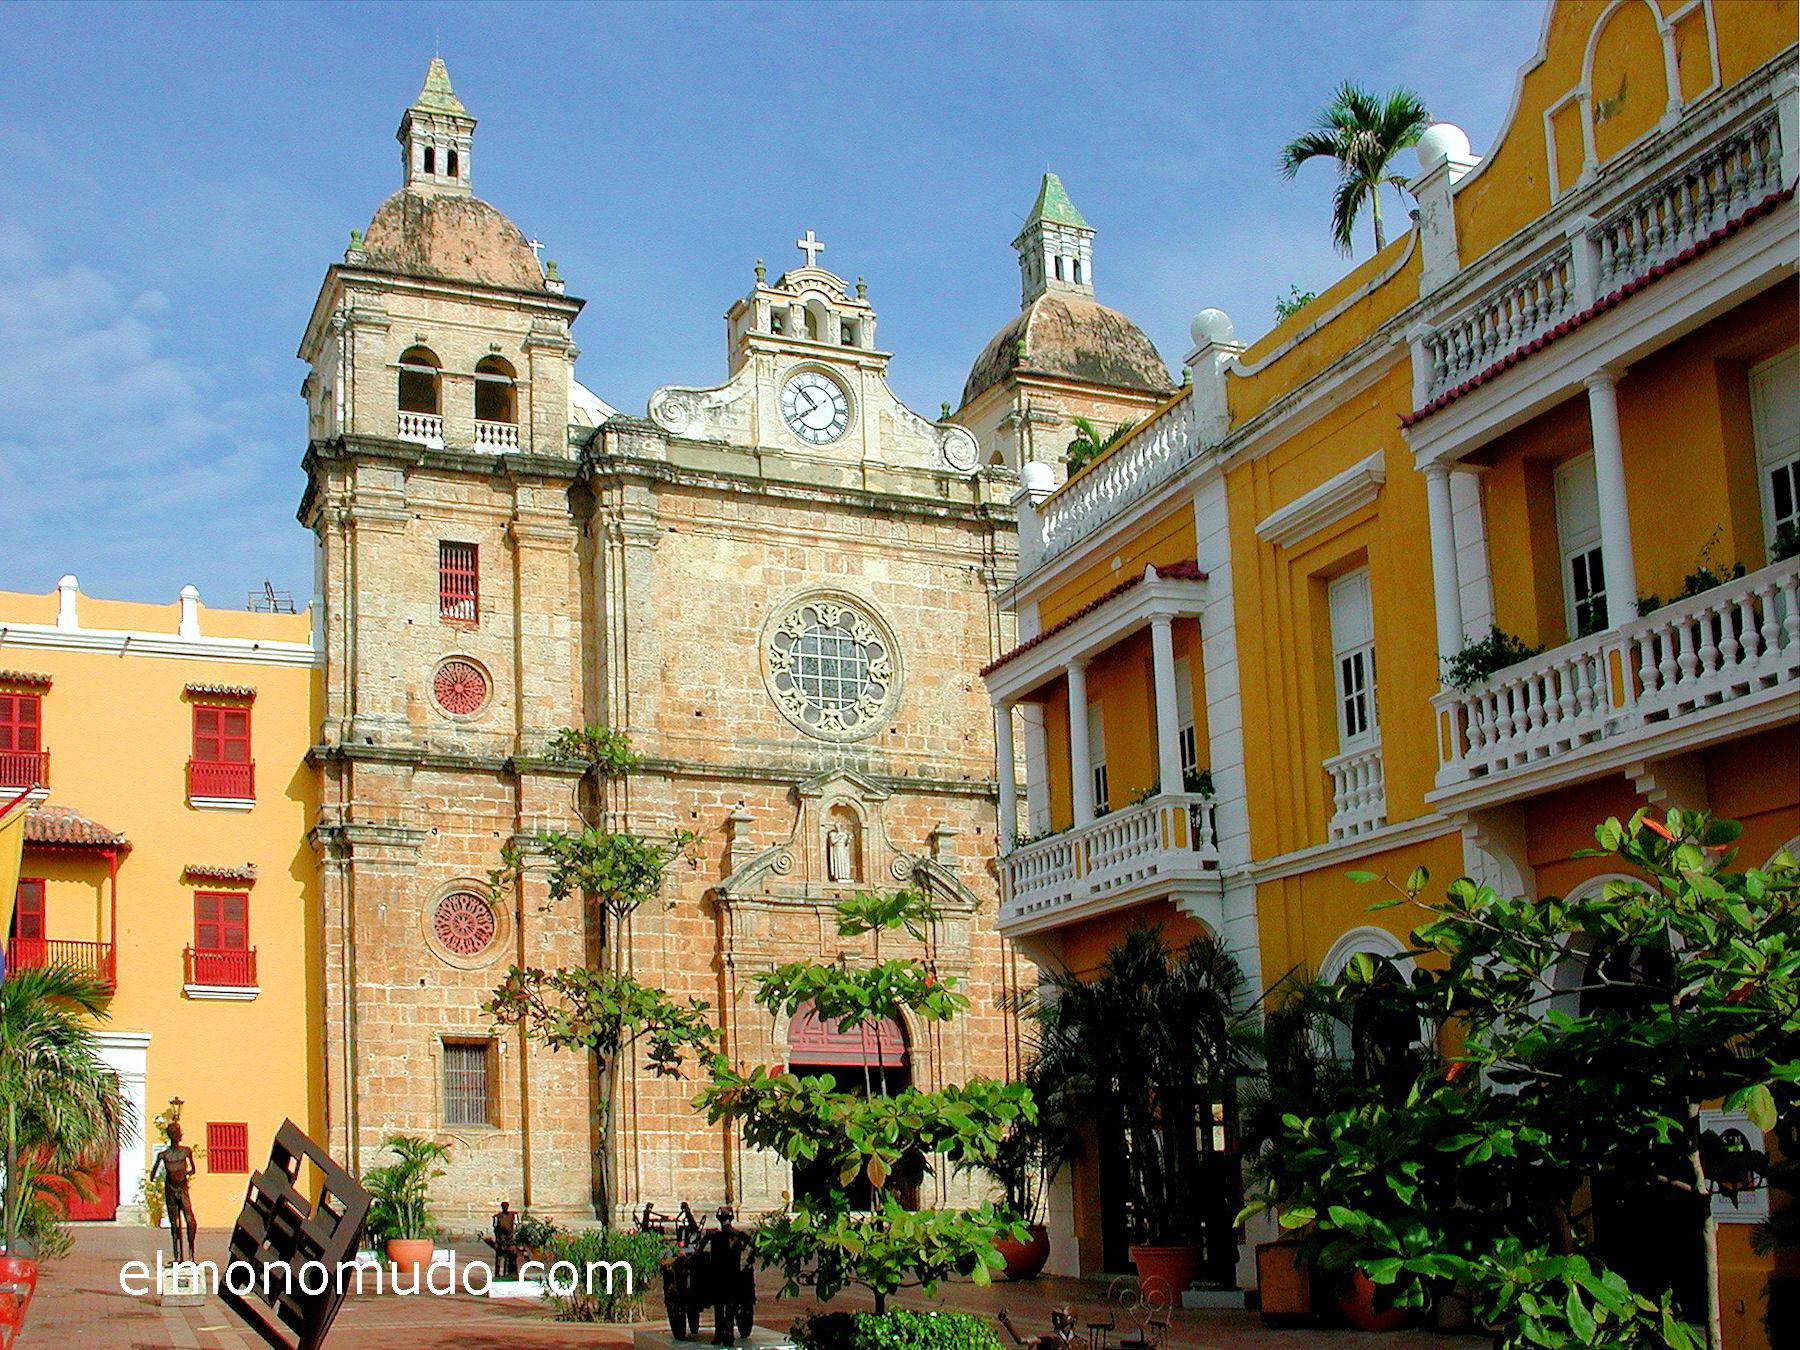 Cartagena de indias en colombia un lugar para perderse - Arquitectura cartagena ...